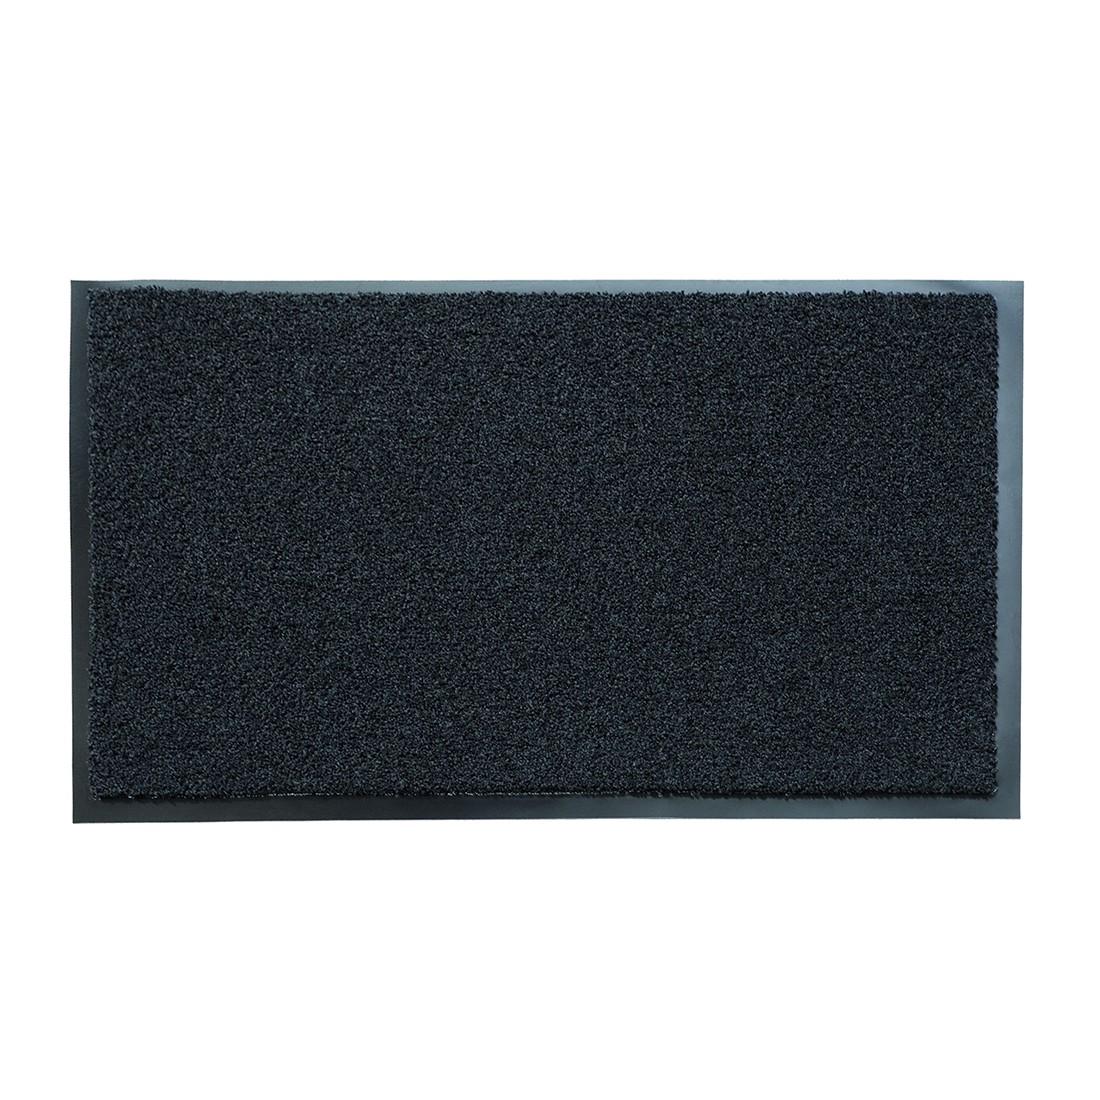 Fußmatte Calcite – Schwarz – 90 x 150 cm, Astra günstig bestellen